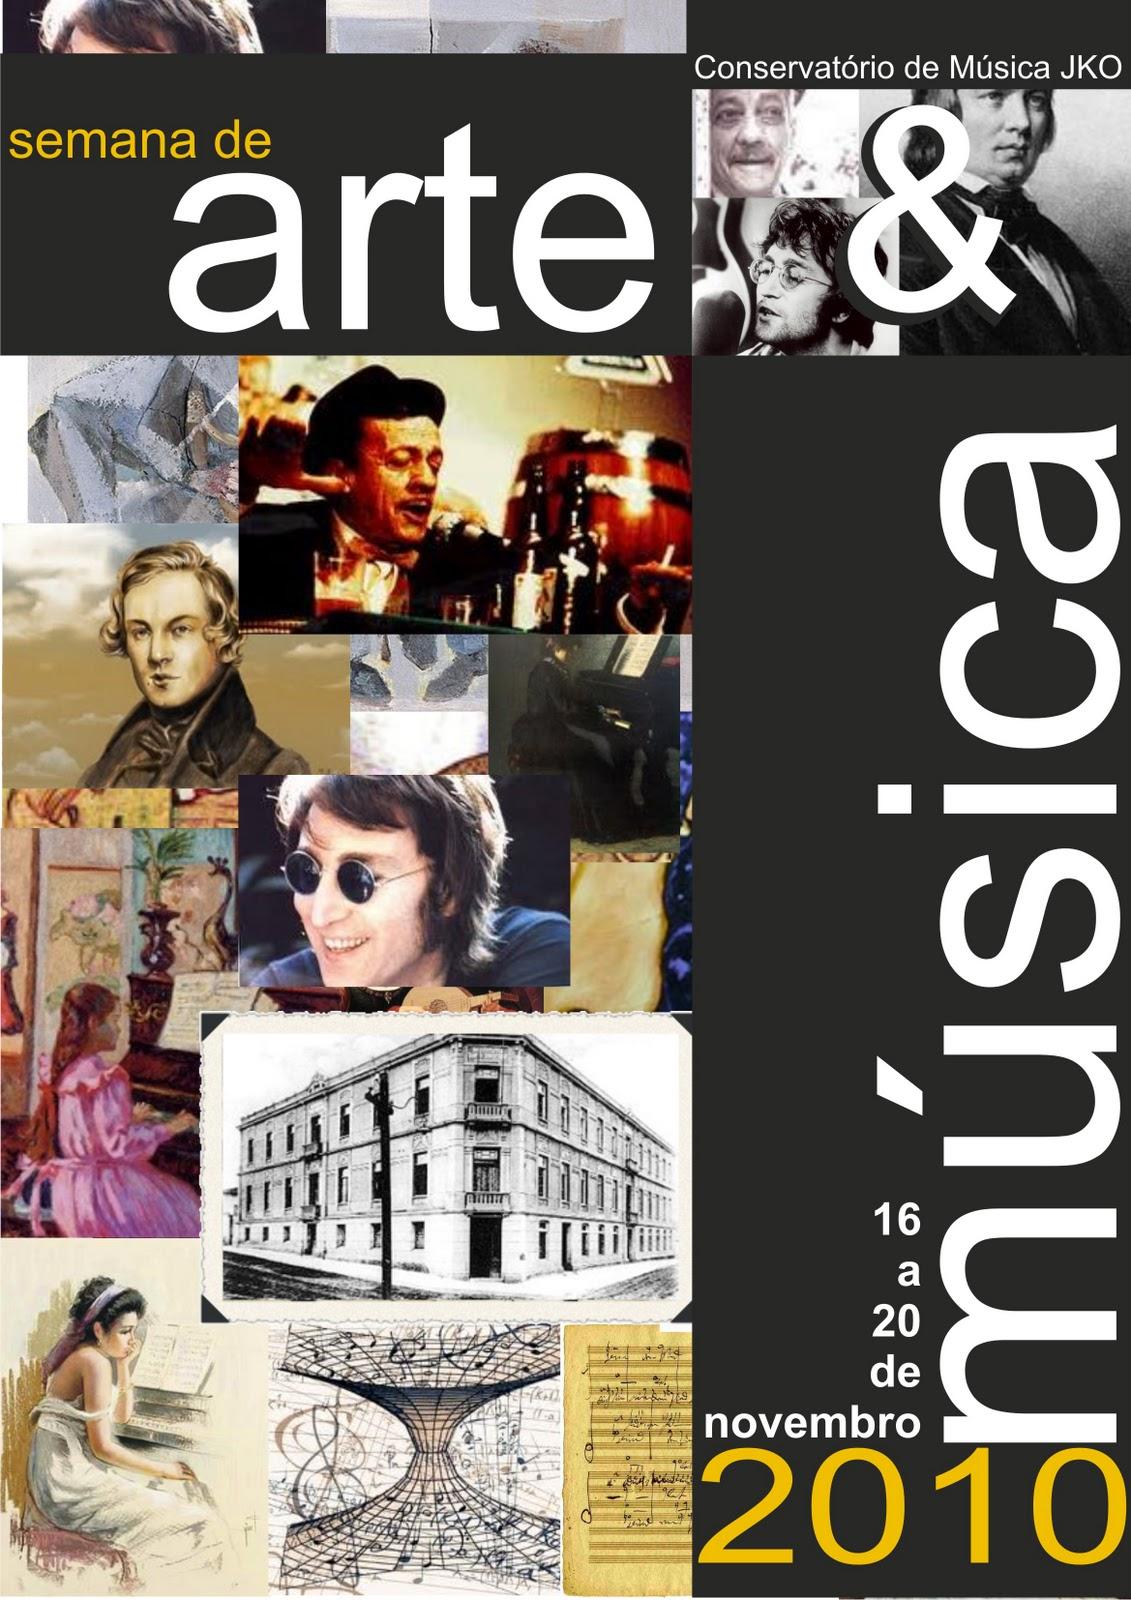 Jazz: Paulo Russo Semana+da+arte+e+m%C3%BAsica